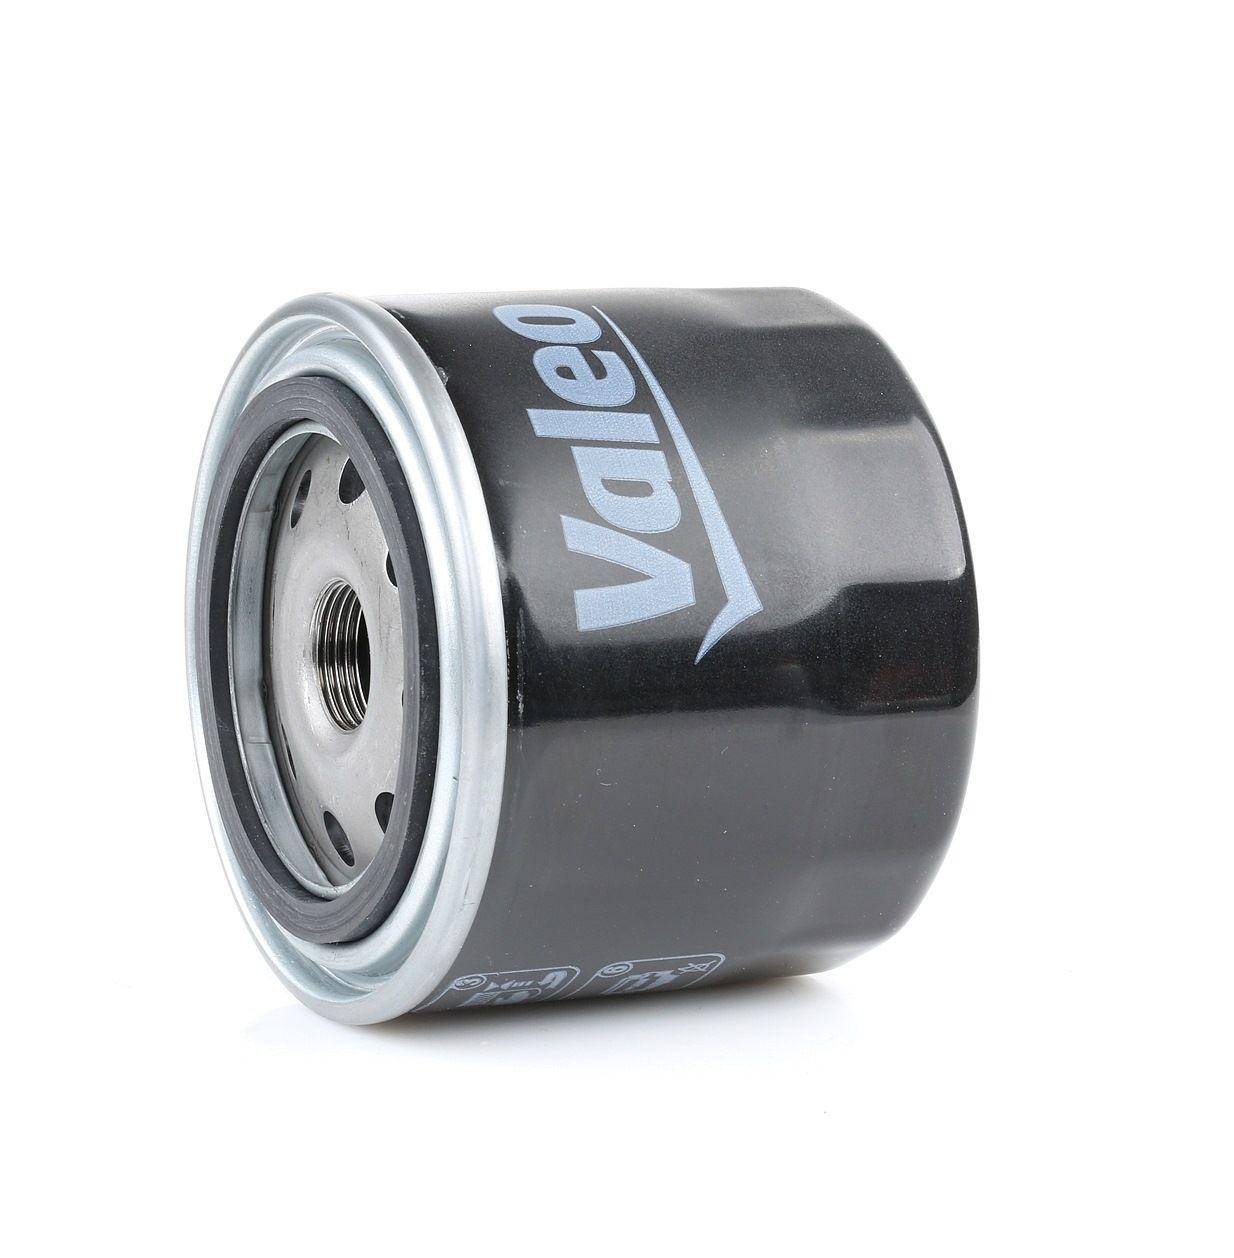 586017 VALEO Anschraubfilter Innendurchmesser 2: 65,2mm, Innendurchmesser 2: 57mm, Ø: 81,5mm, Höhe: 74mm Ölfilter 586017 günstig kaufen